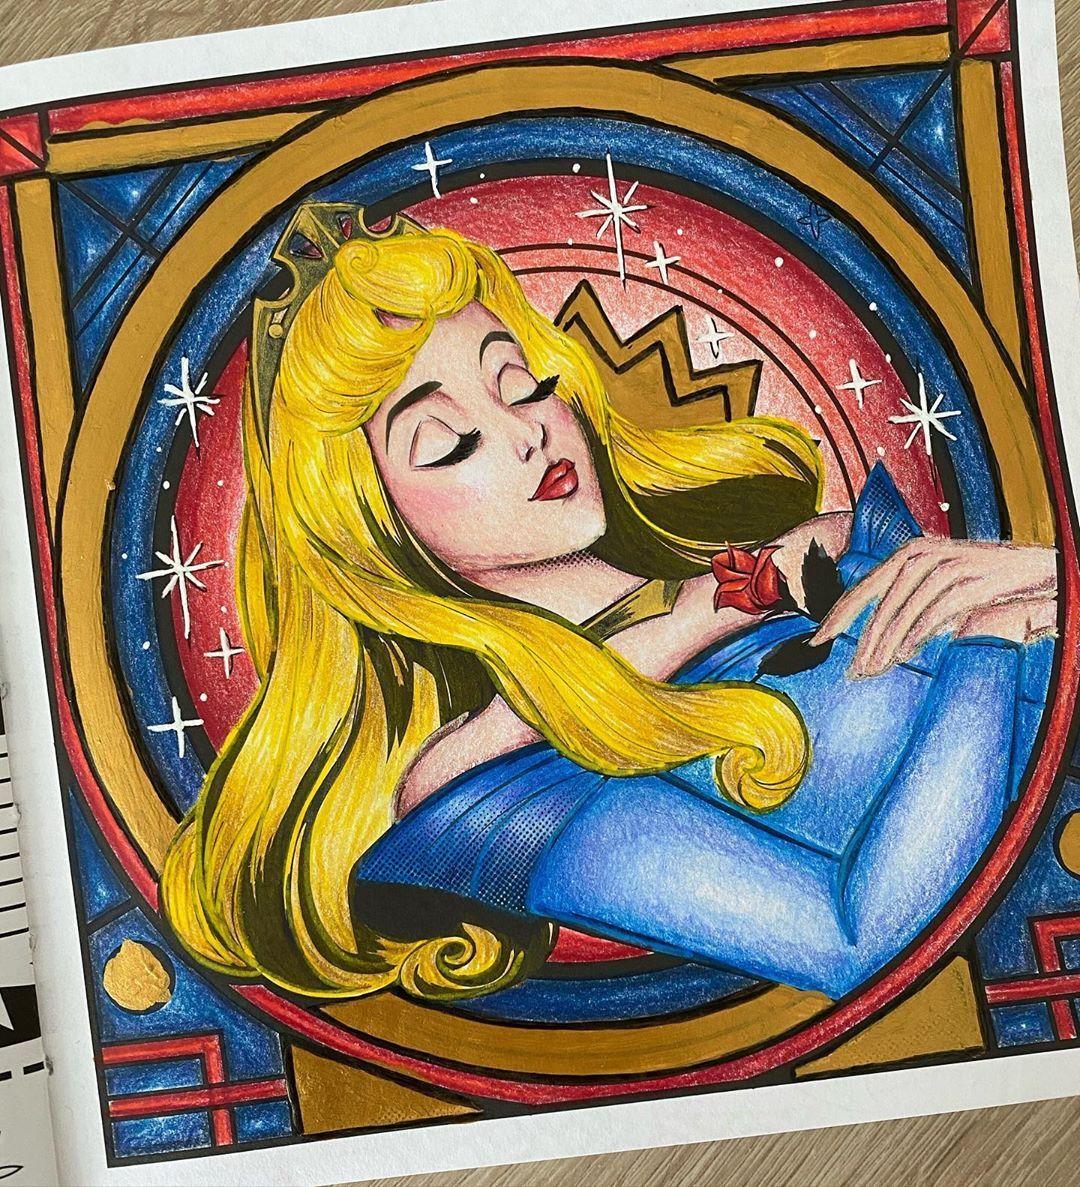 Épinglé par Maeva sur colos en 17  Coloriage disney, Disney